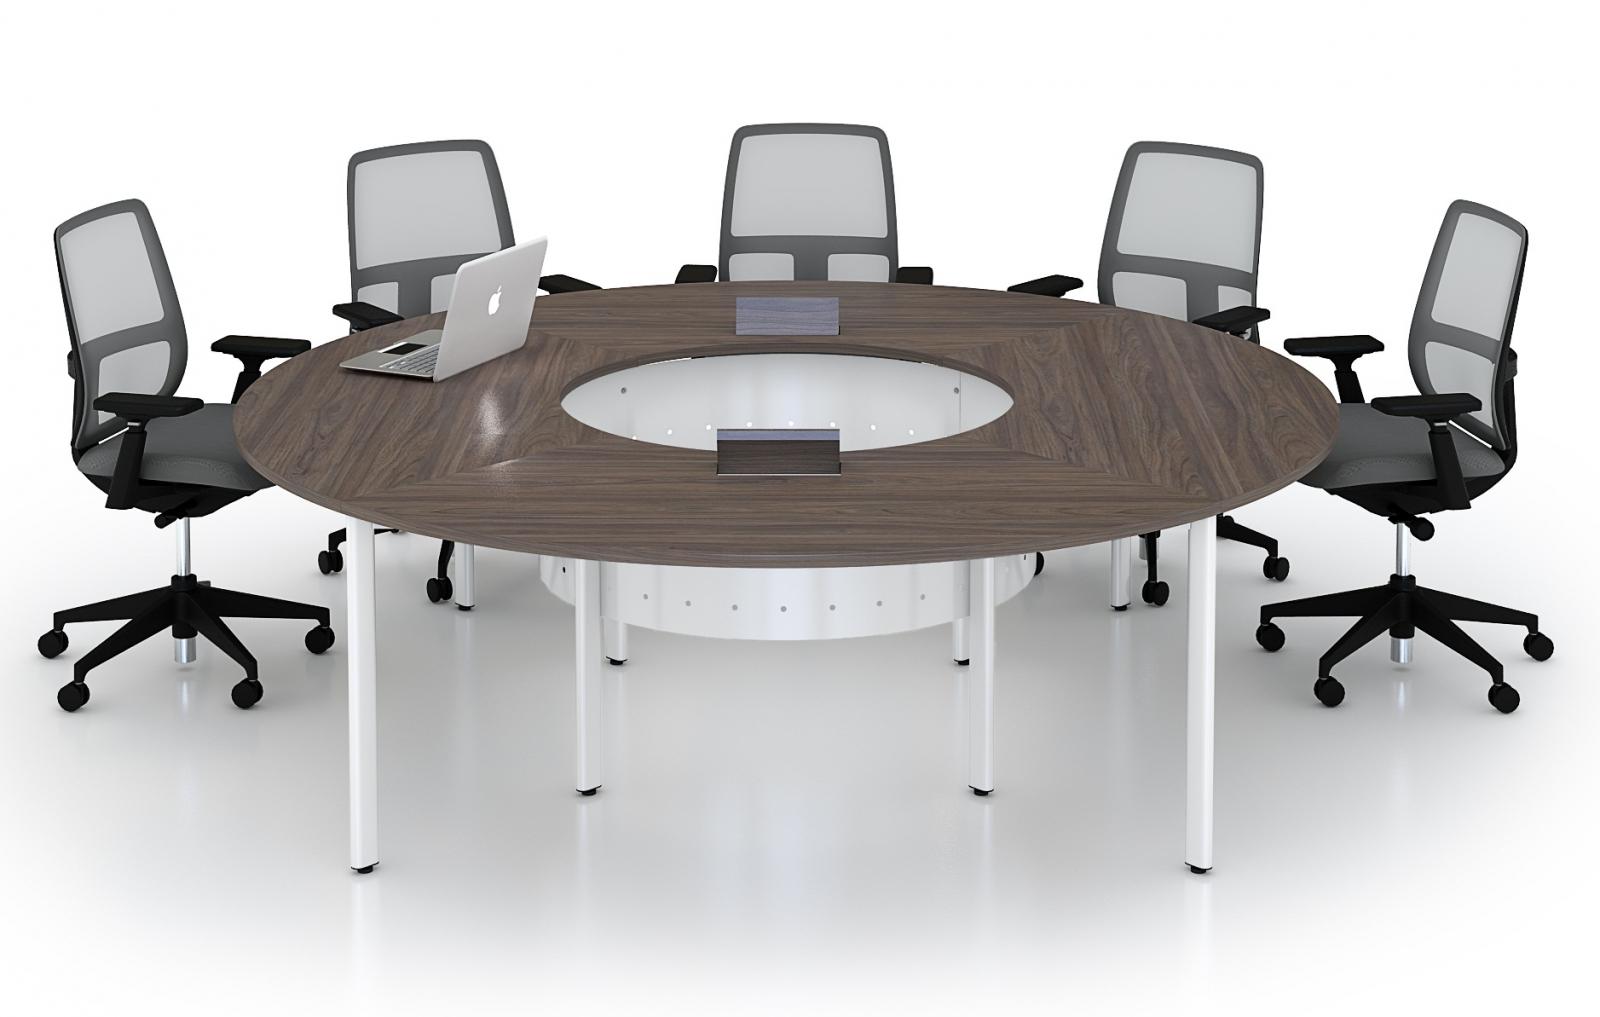 Mẫu bàn làm việc văn phòng chính hãng, giá rẻ